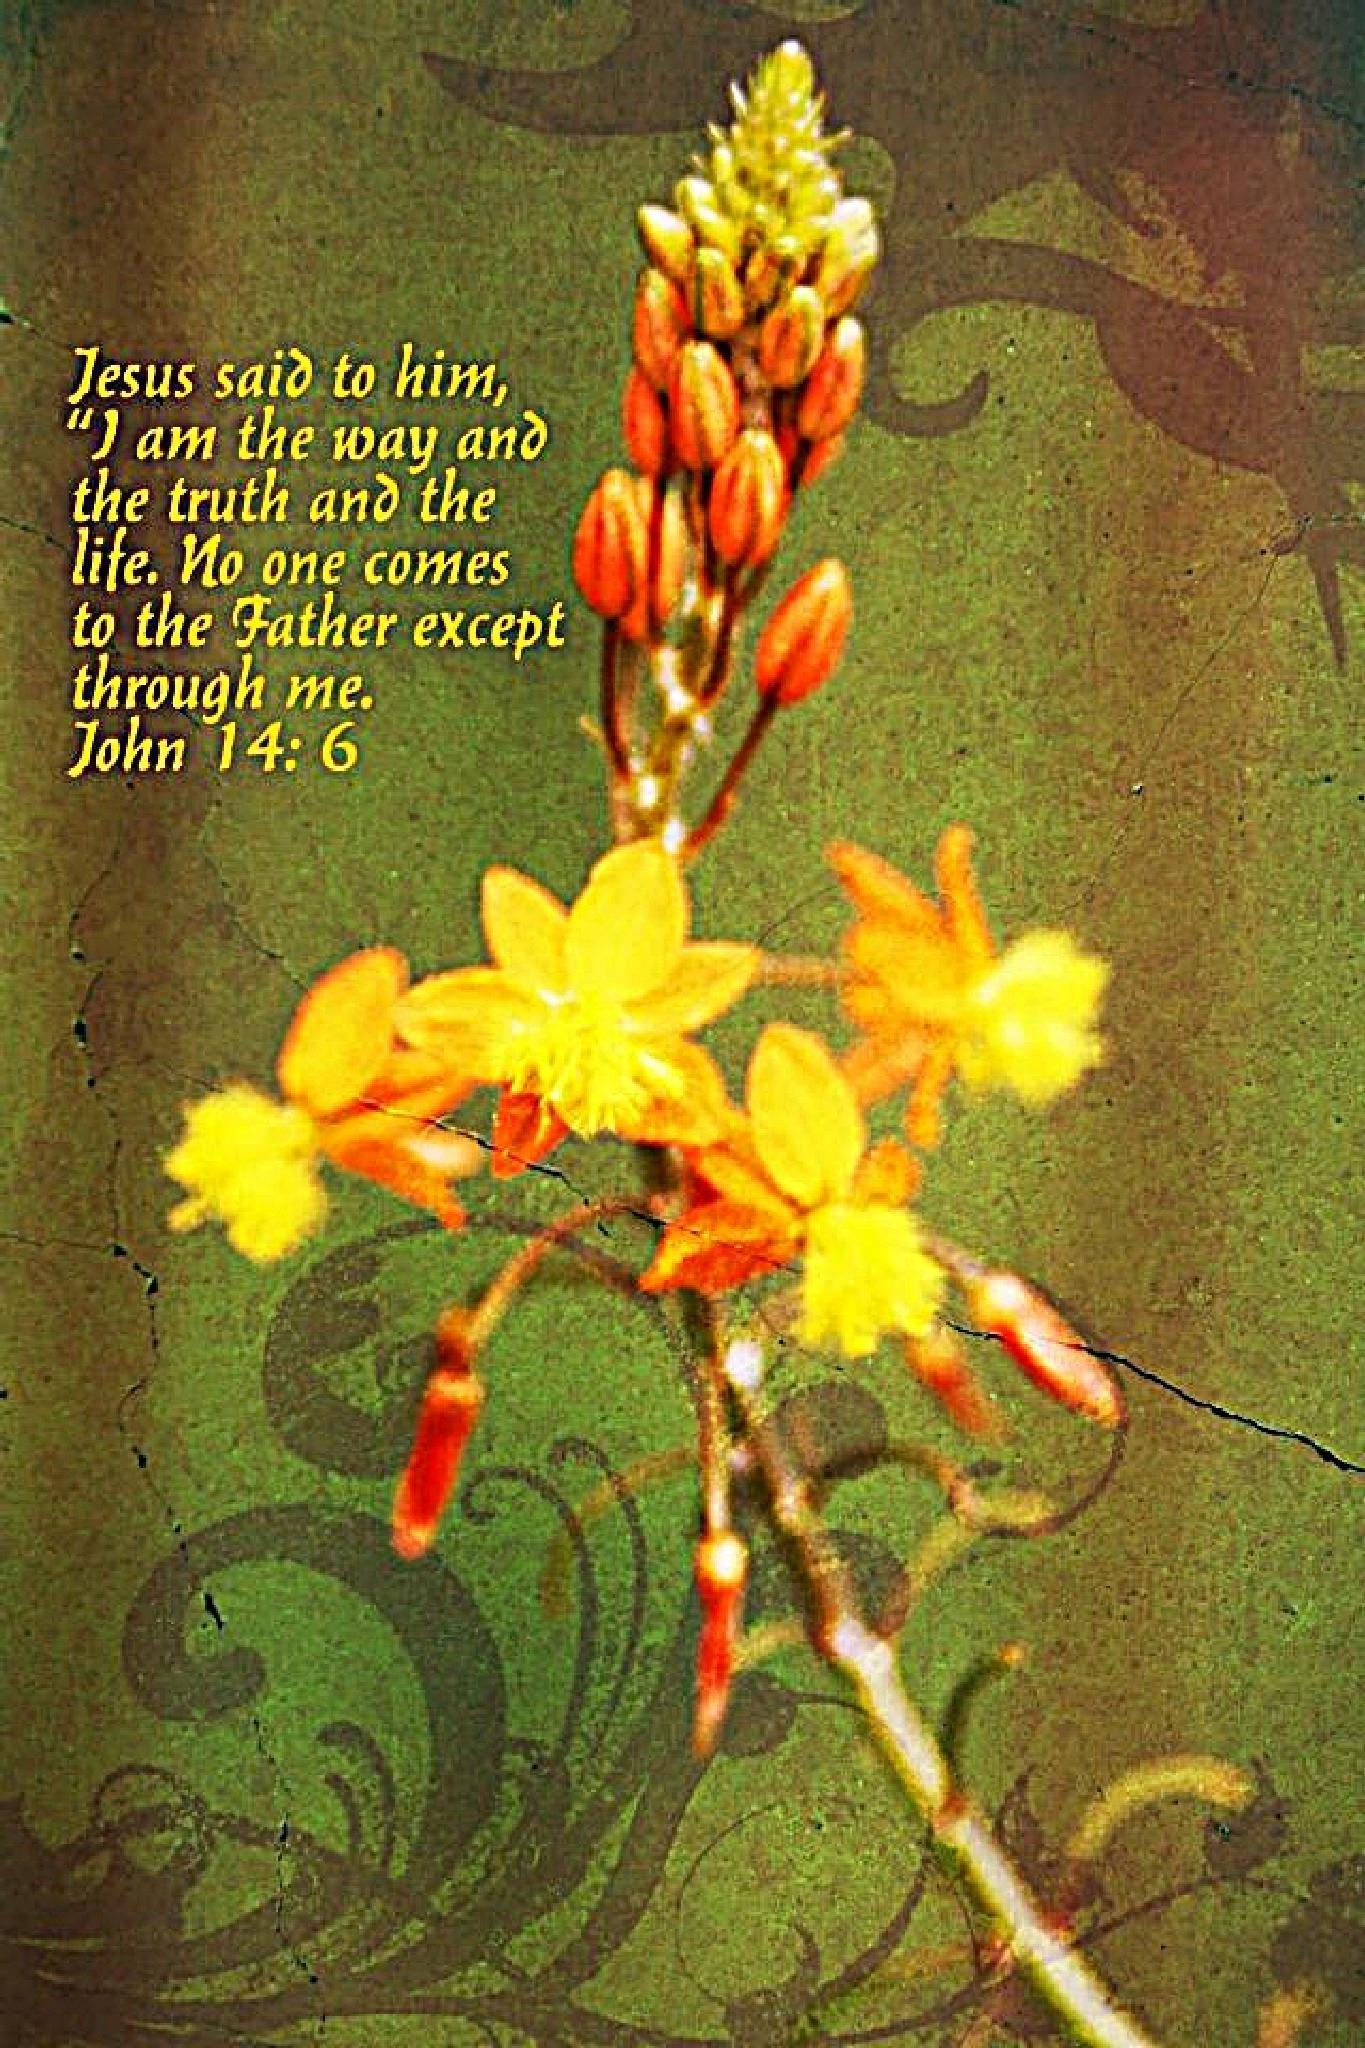 John 14:6 by KimParrish